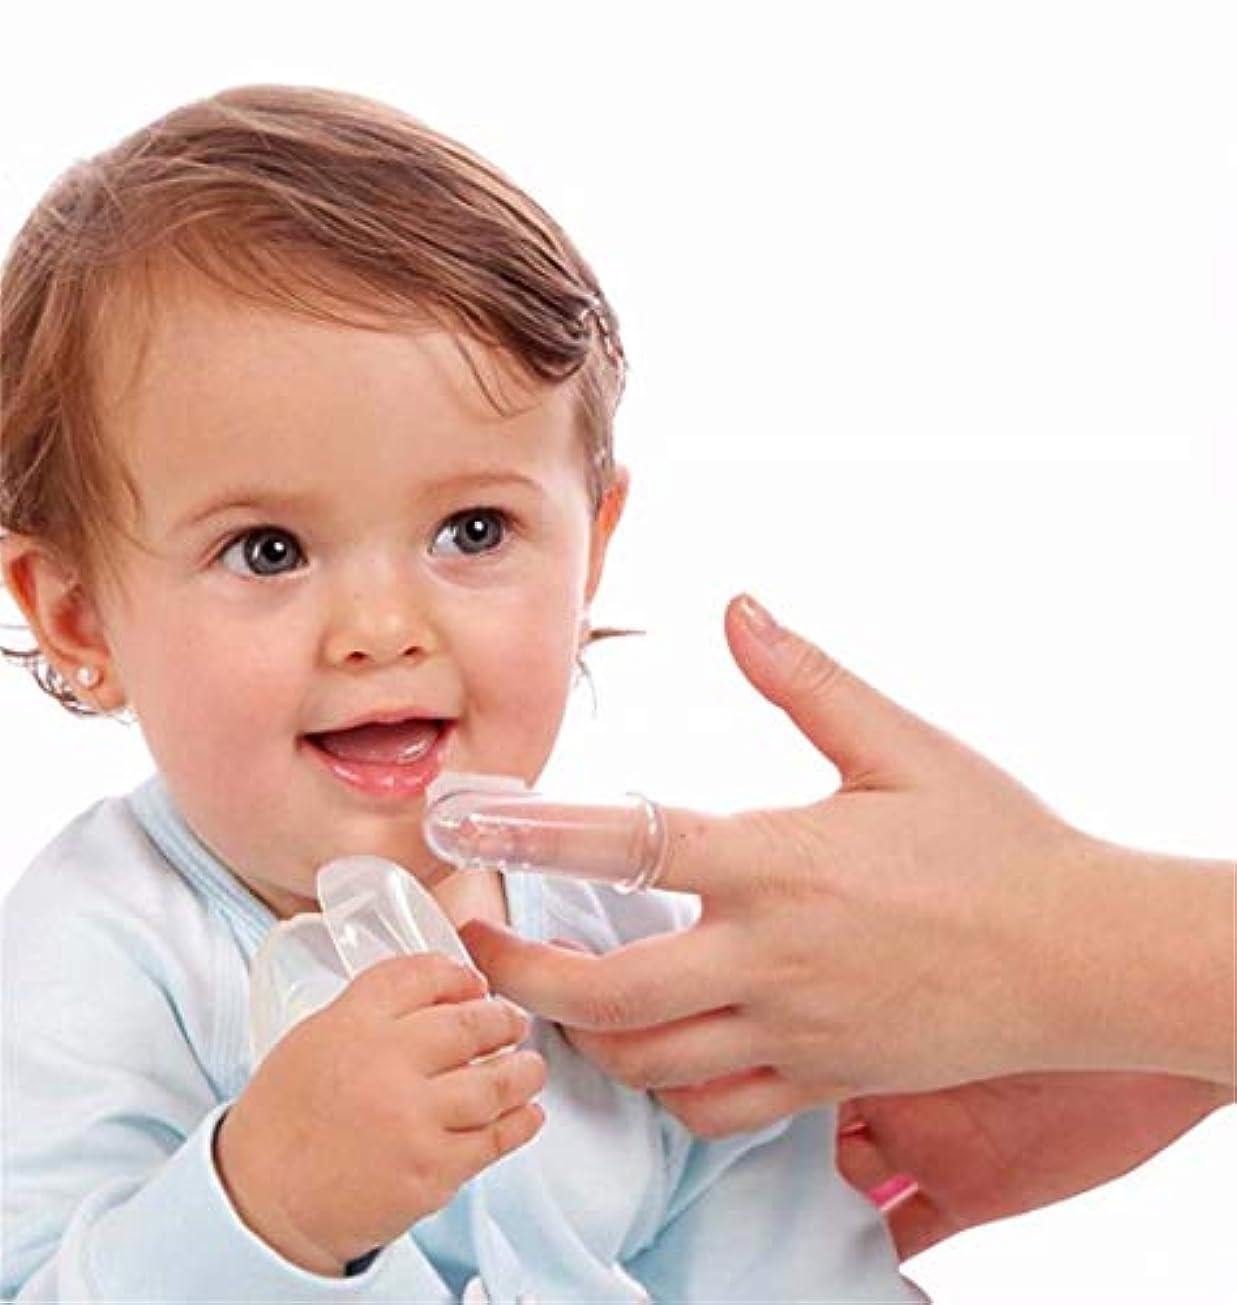 洞窟効果的和七里の香 ベビー指歯ブラシ、乳児幼児子供用シリコーンソフトオーラルマッサージャージェントルケア